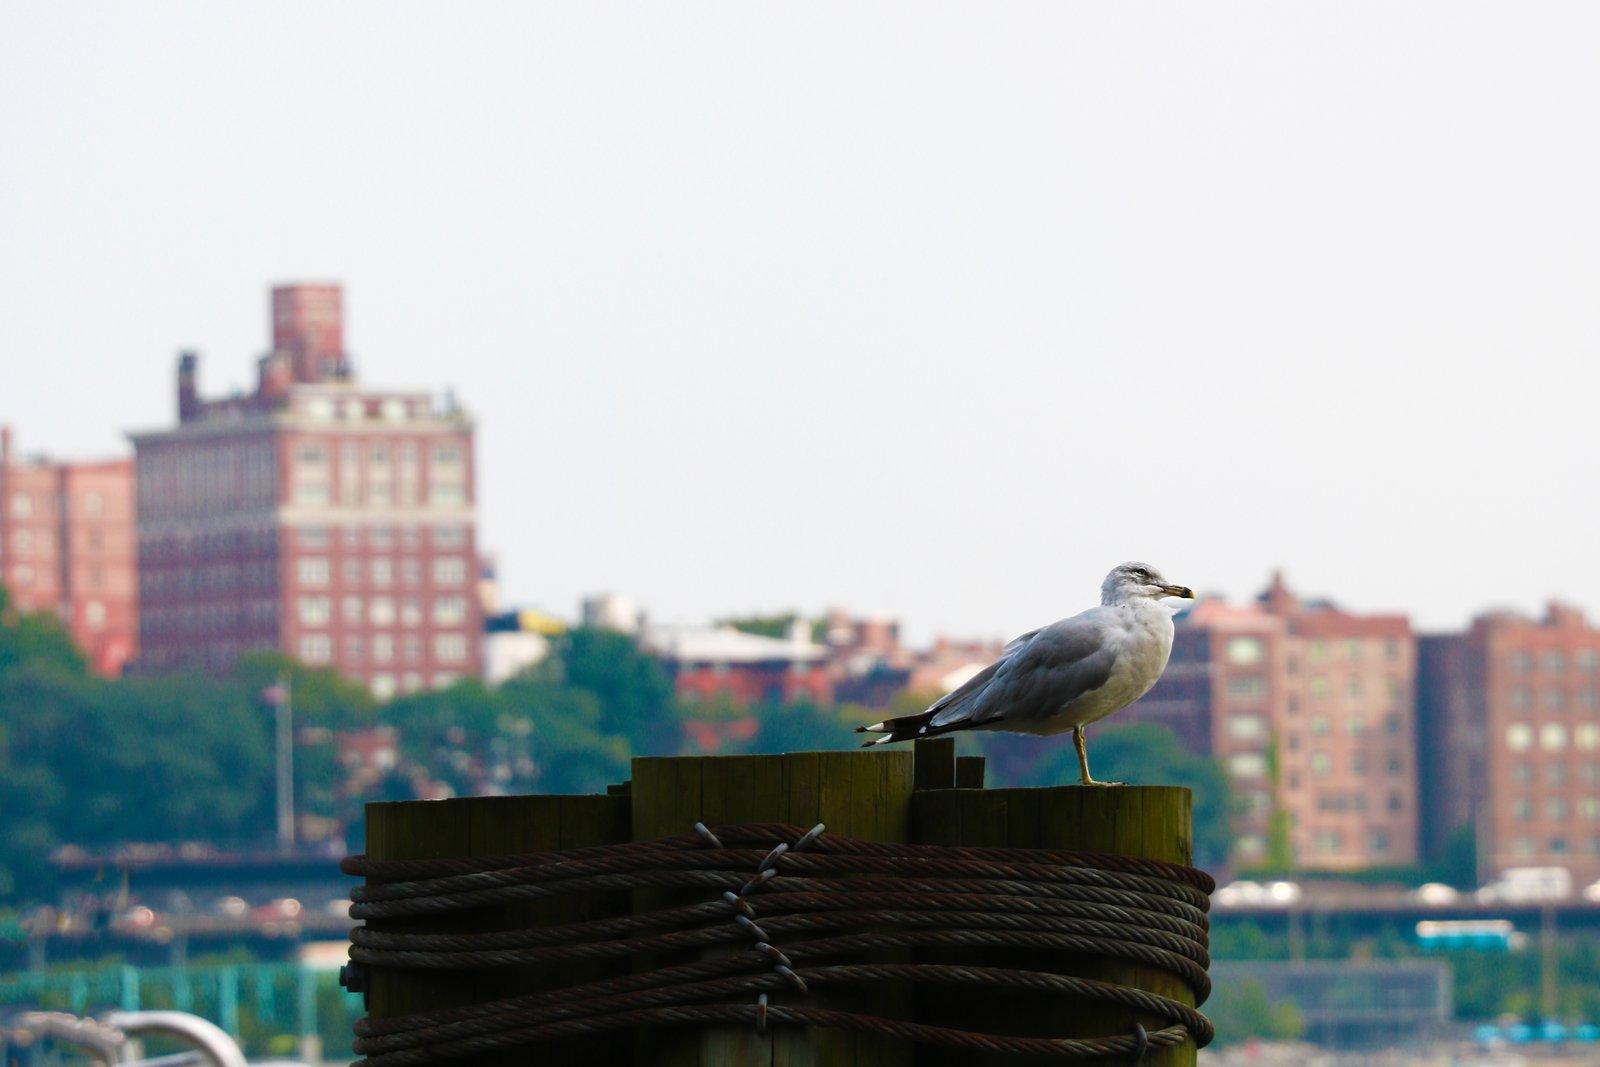 Coney Island Brooklyn, NY Private Investigator